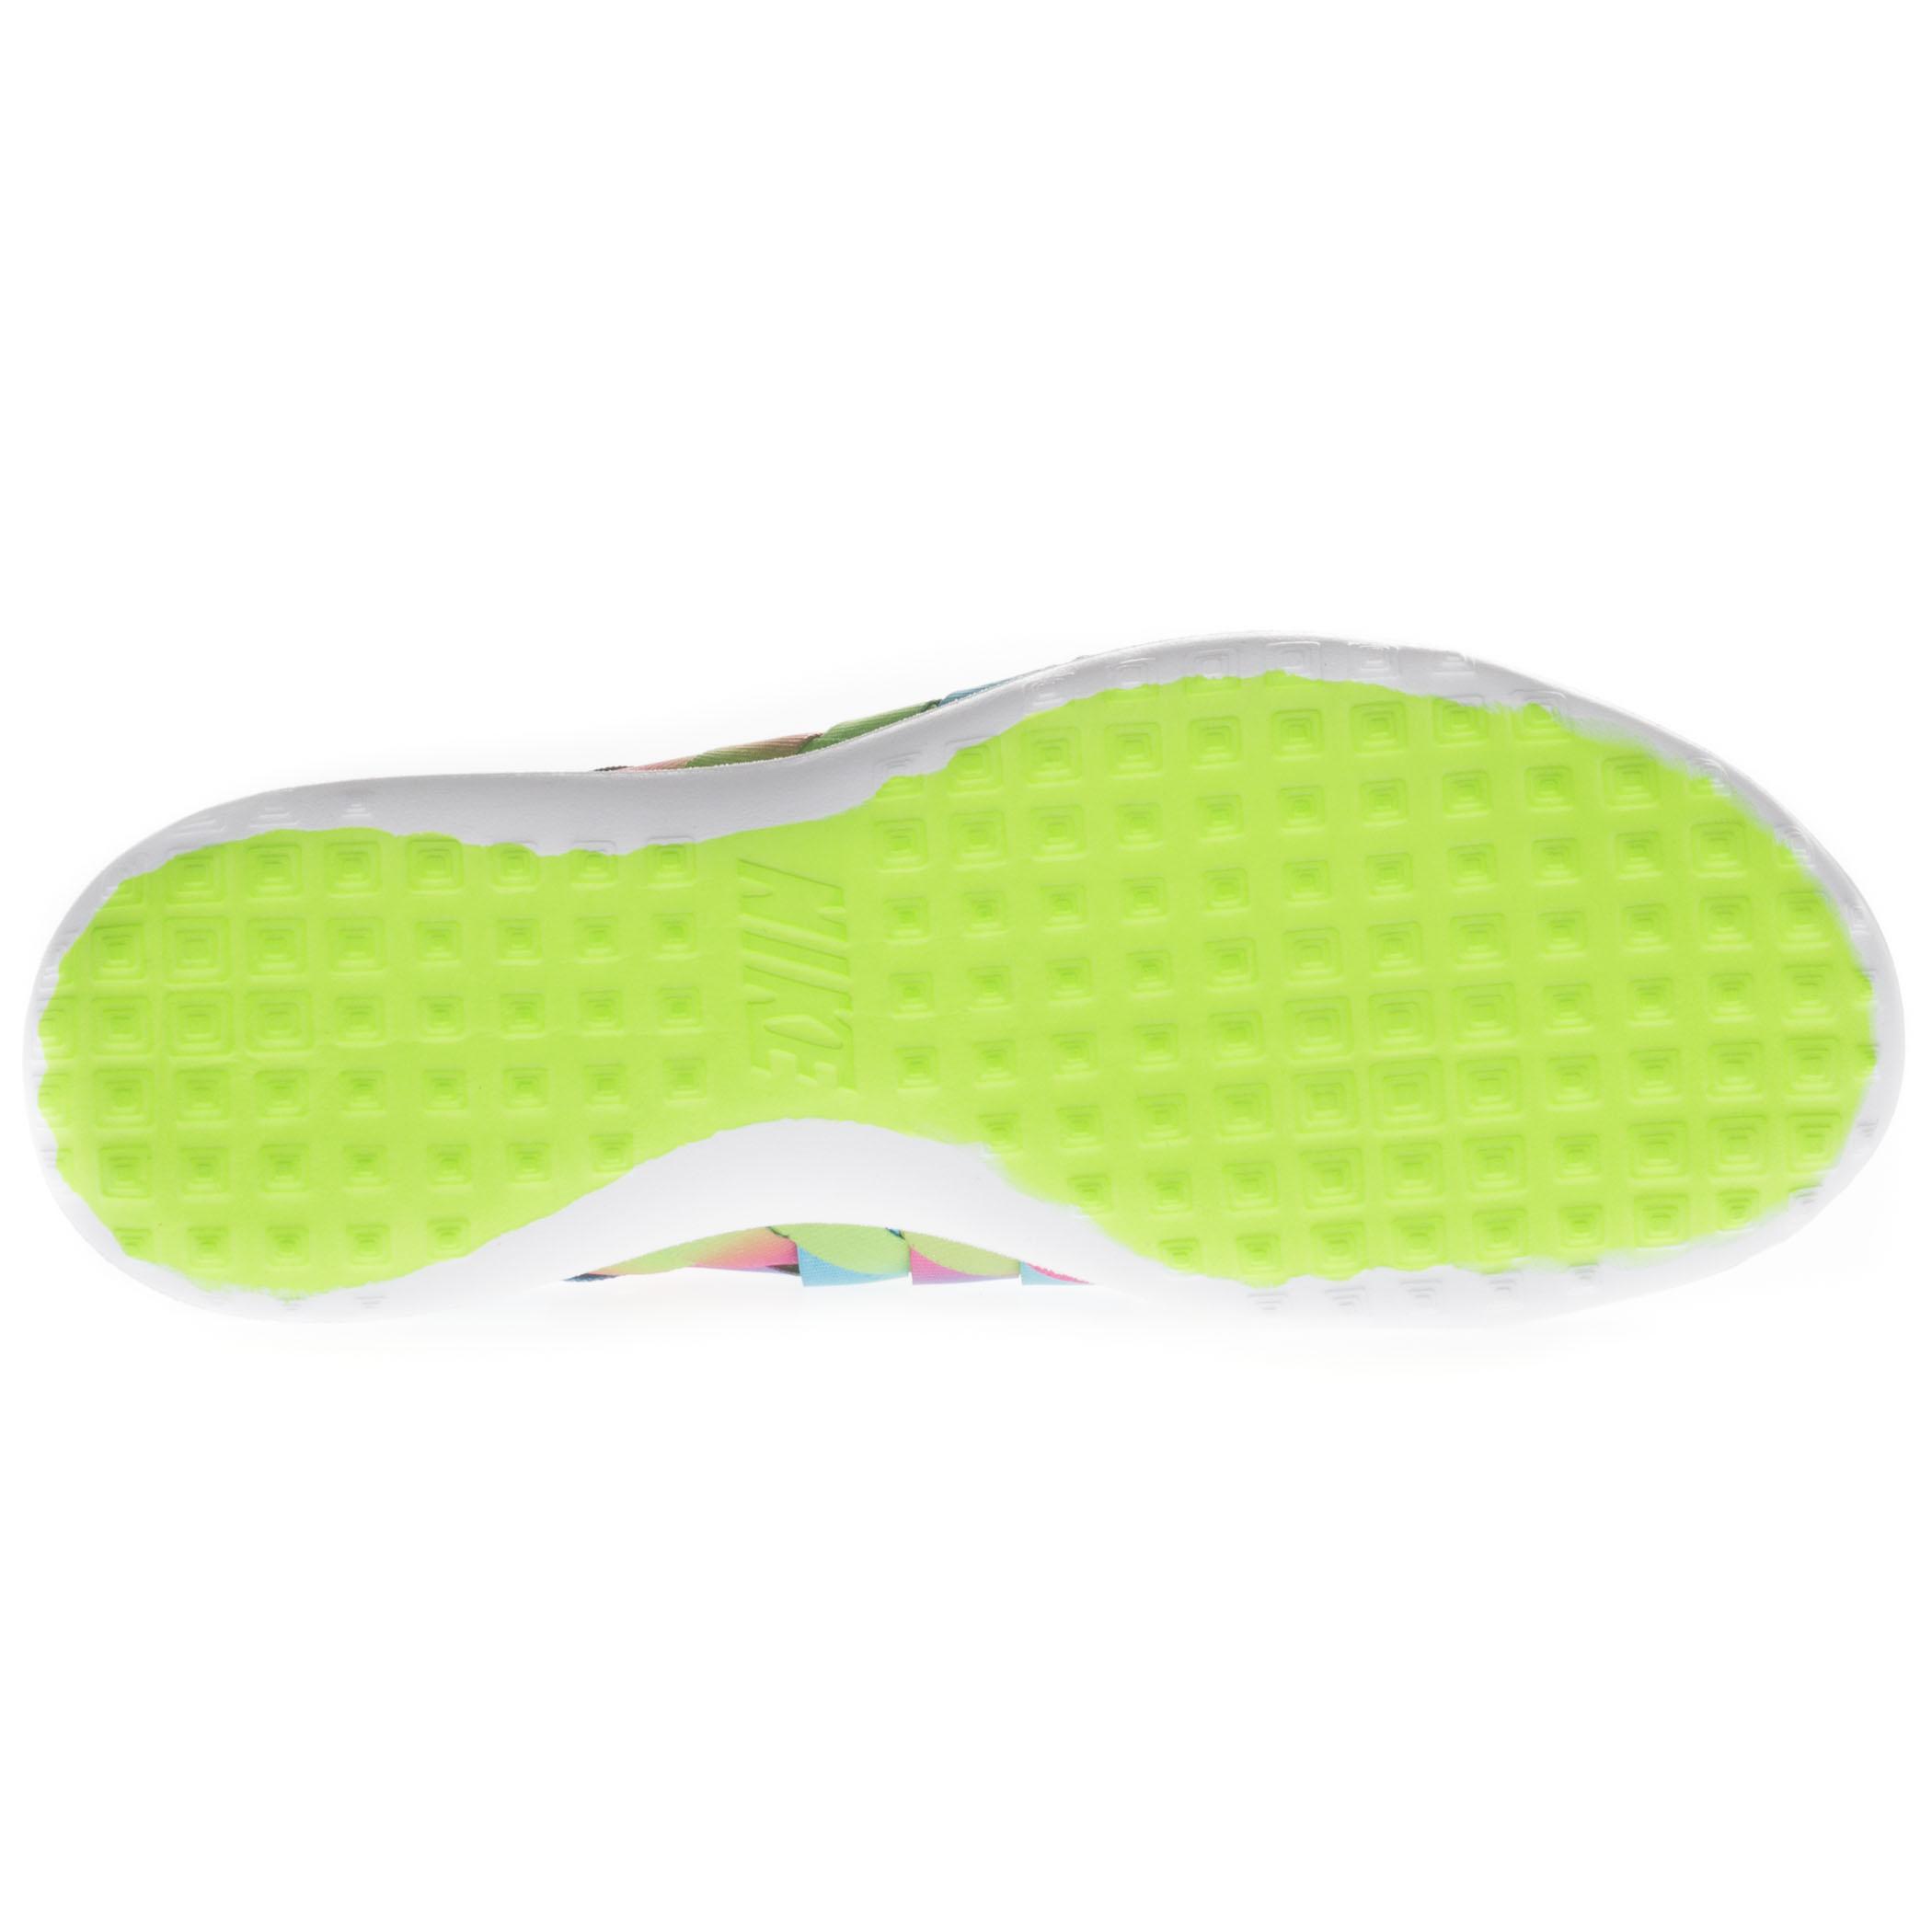 Low Nike Verde Multi Scarpe Junvenate Blu Rosa ginnastica Prm Women's Sports Running Top da Woven wqIRFr4q